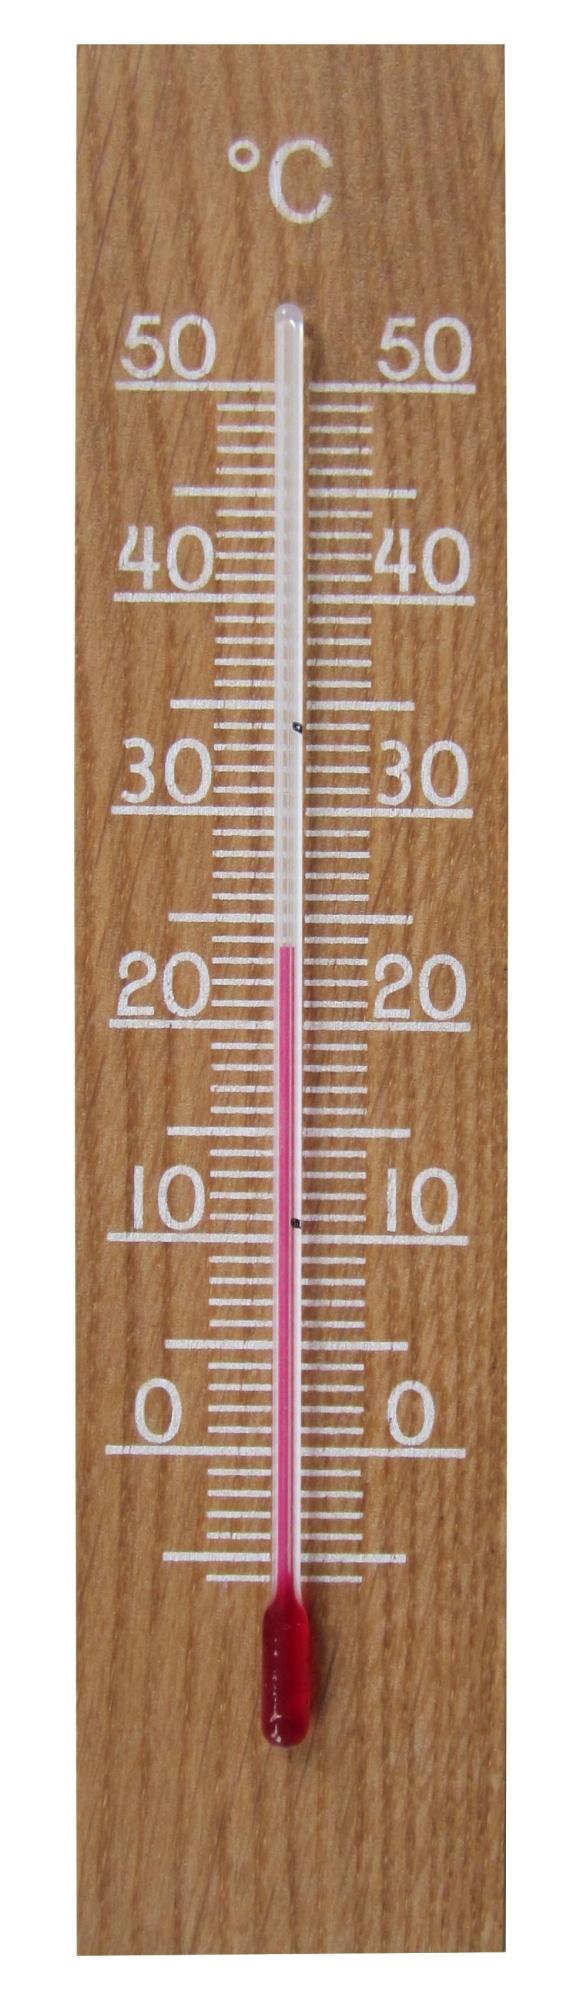 TFA Dostmann Vnitřní dřevěný teploměr TFA 12.1054.01; dub